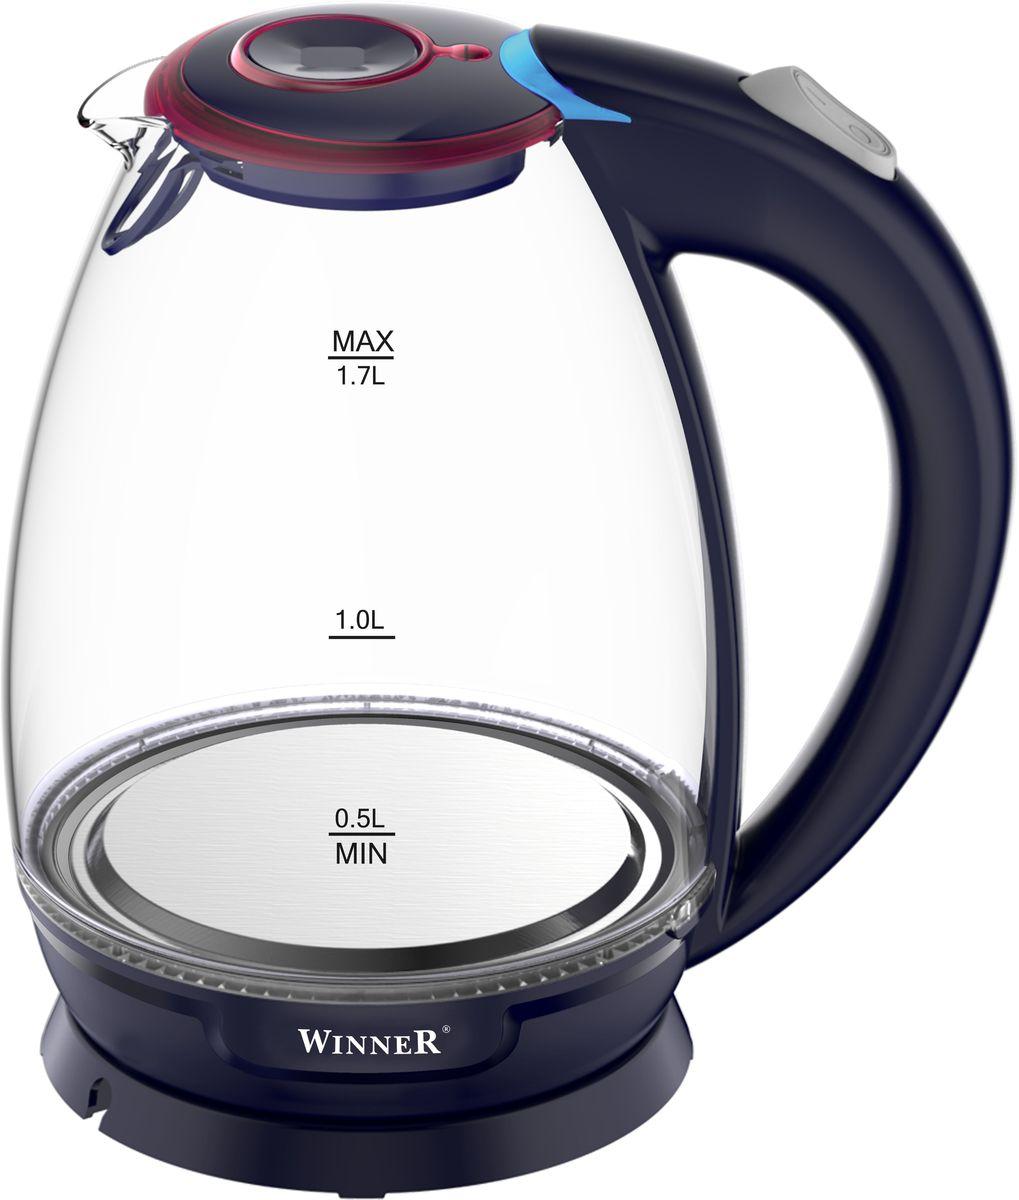 Winner Electronics WR-100 электрический чайникWR-1001,7л. Корпус: прозрачное стекло. Автоматическое и ручное выключение. Световой индикатор. Зашита от перегрева. Отсек для хранения шнура. Скрытый нагревательный элемент. 1850-2200Вт